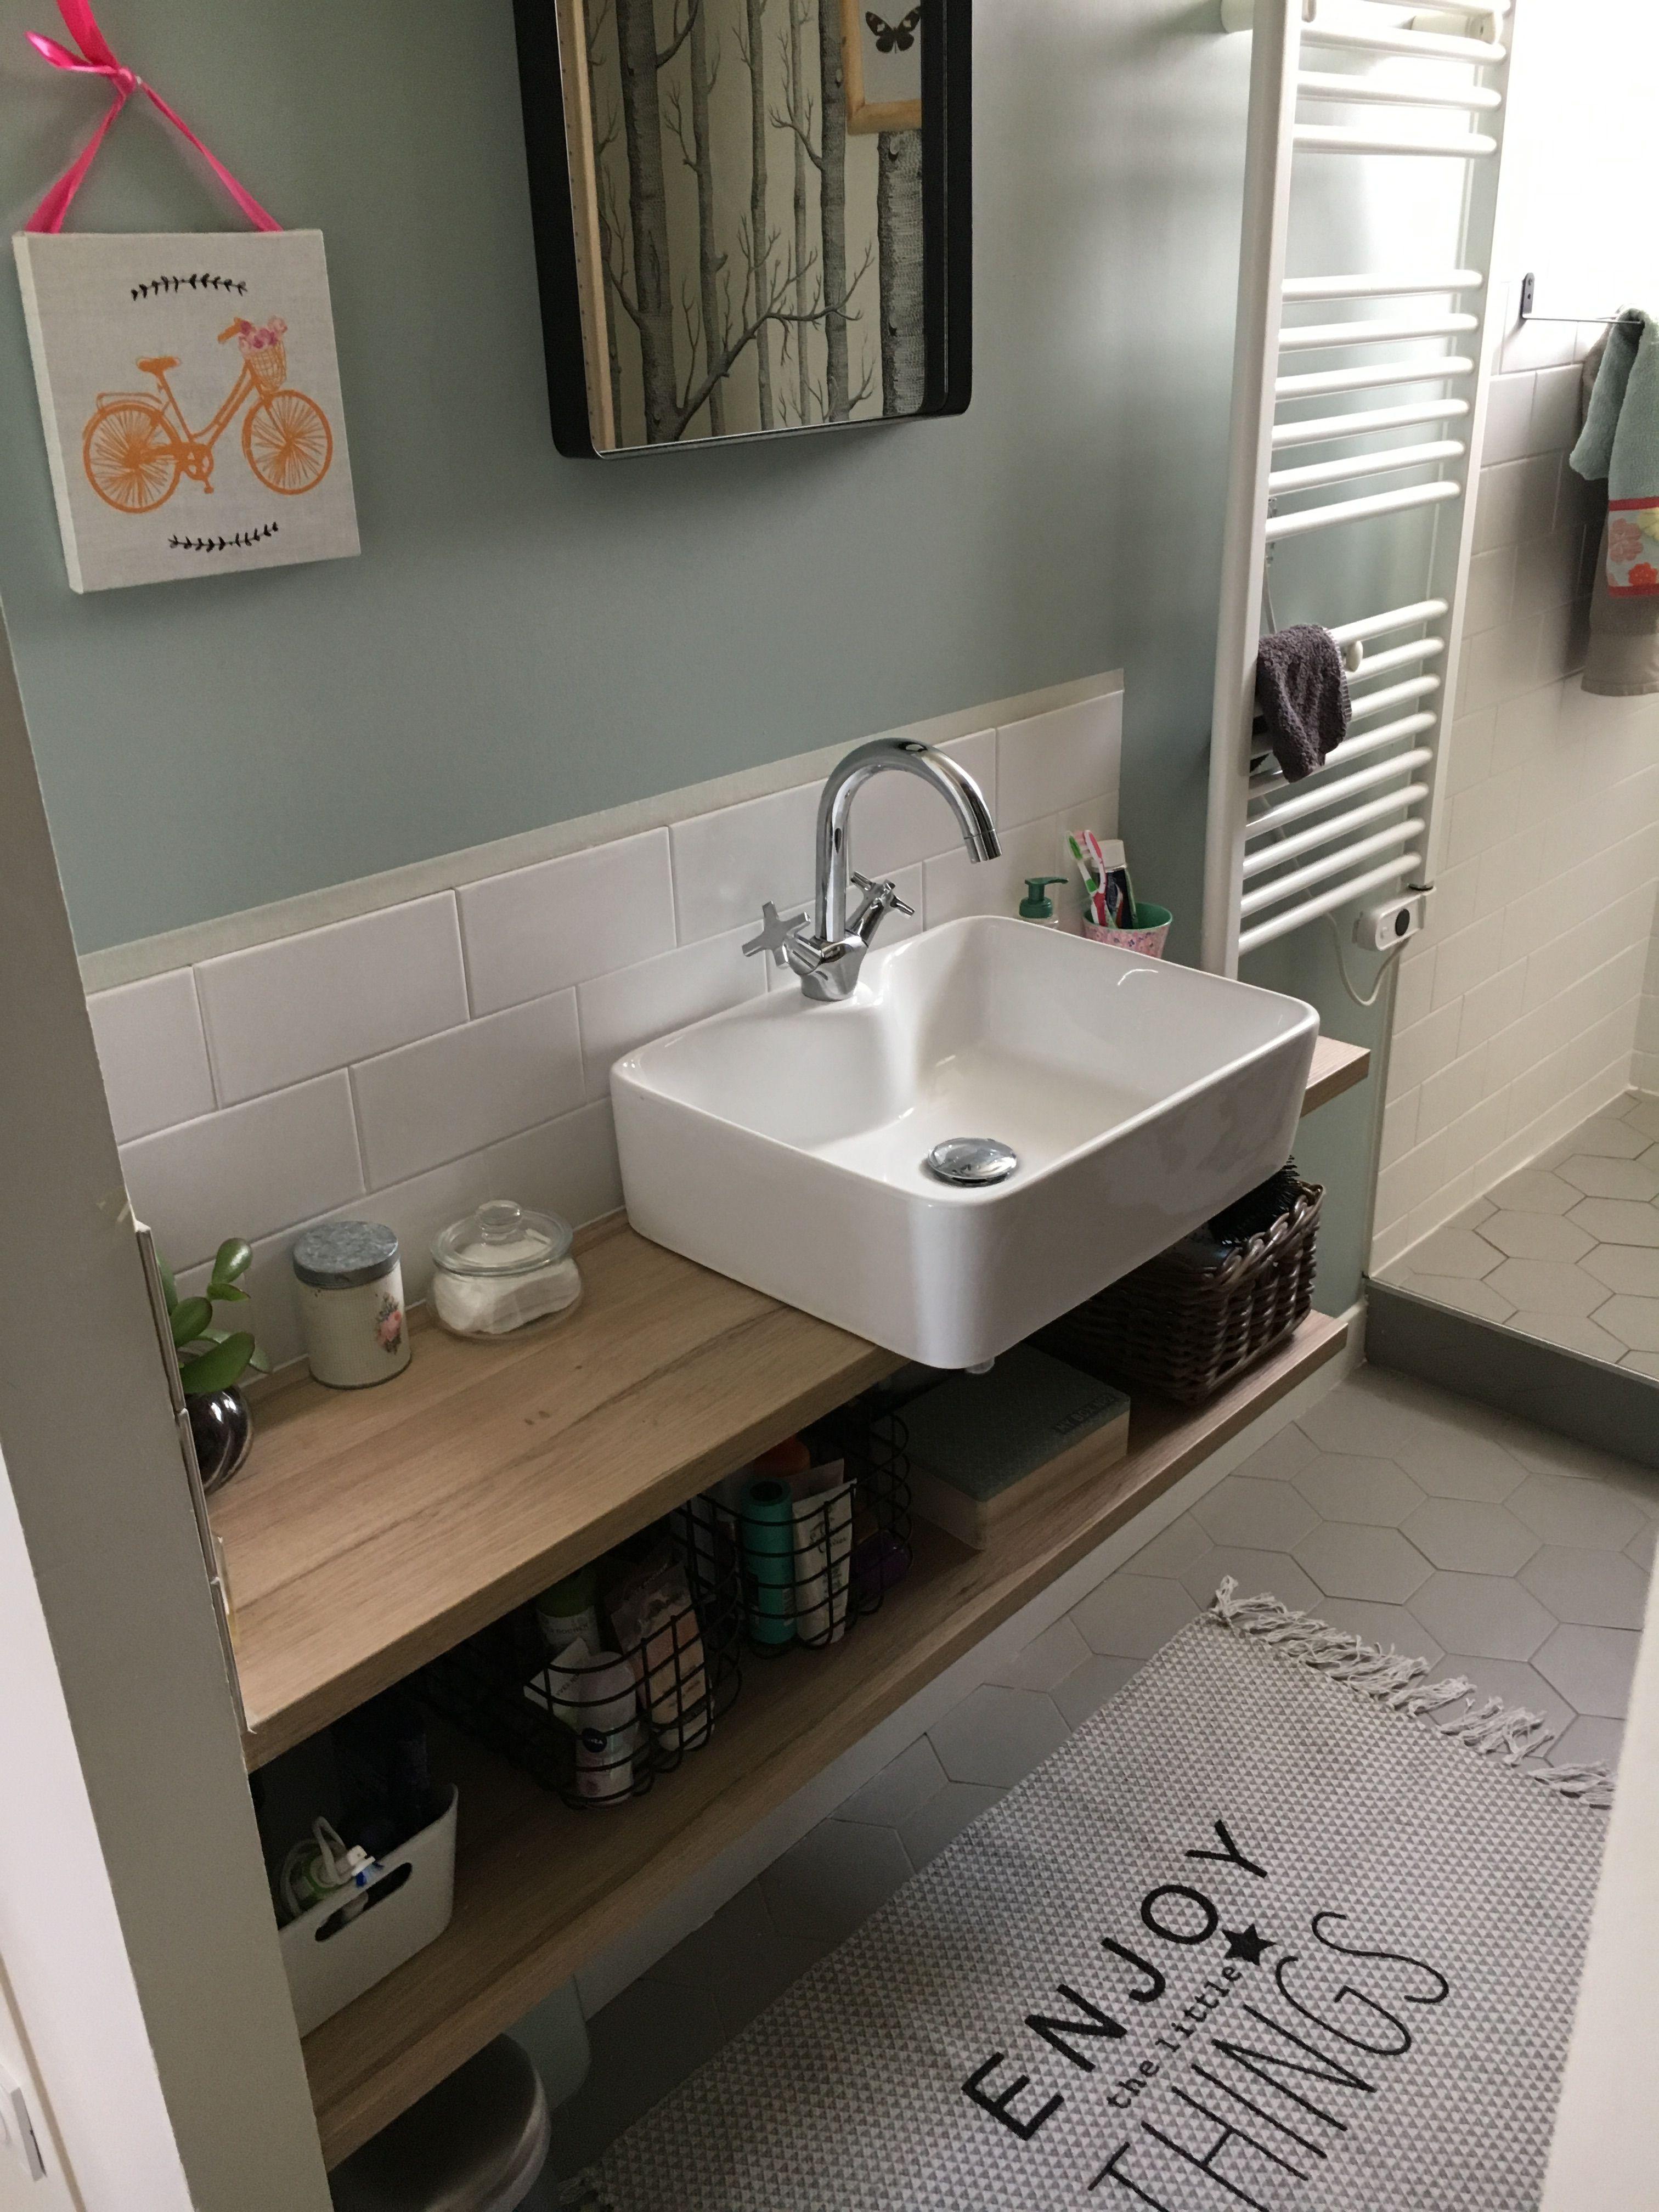 Salle De Bain Plan Vasque Bois ~ vasque poser salle de bain plan vasque bois chambre parent